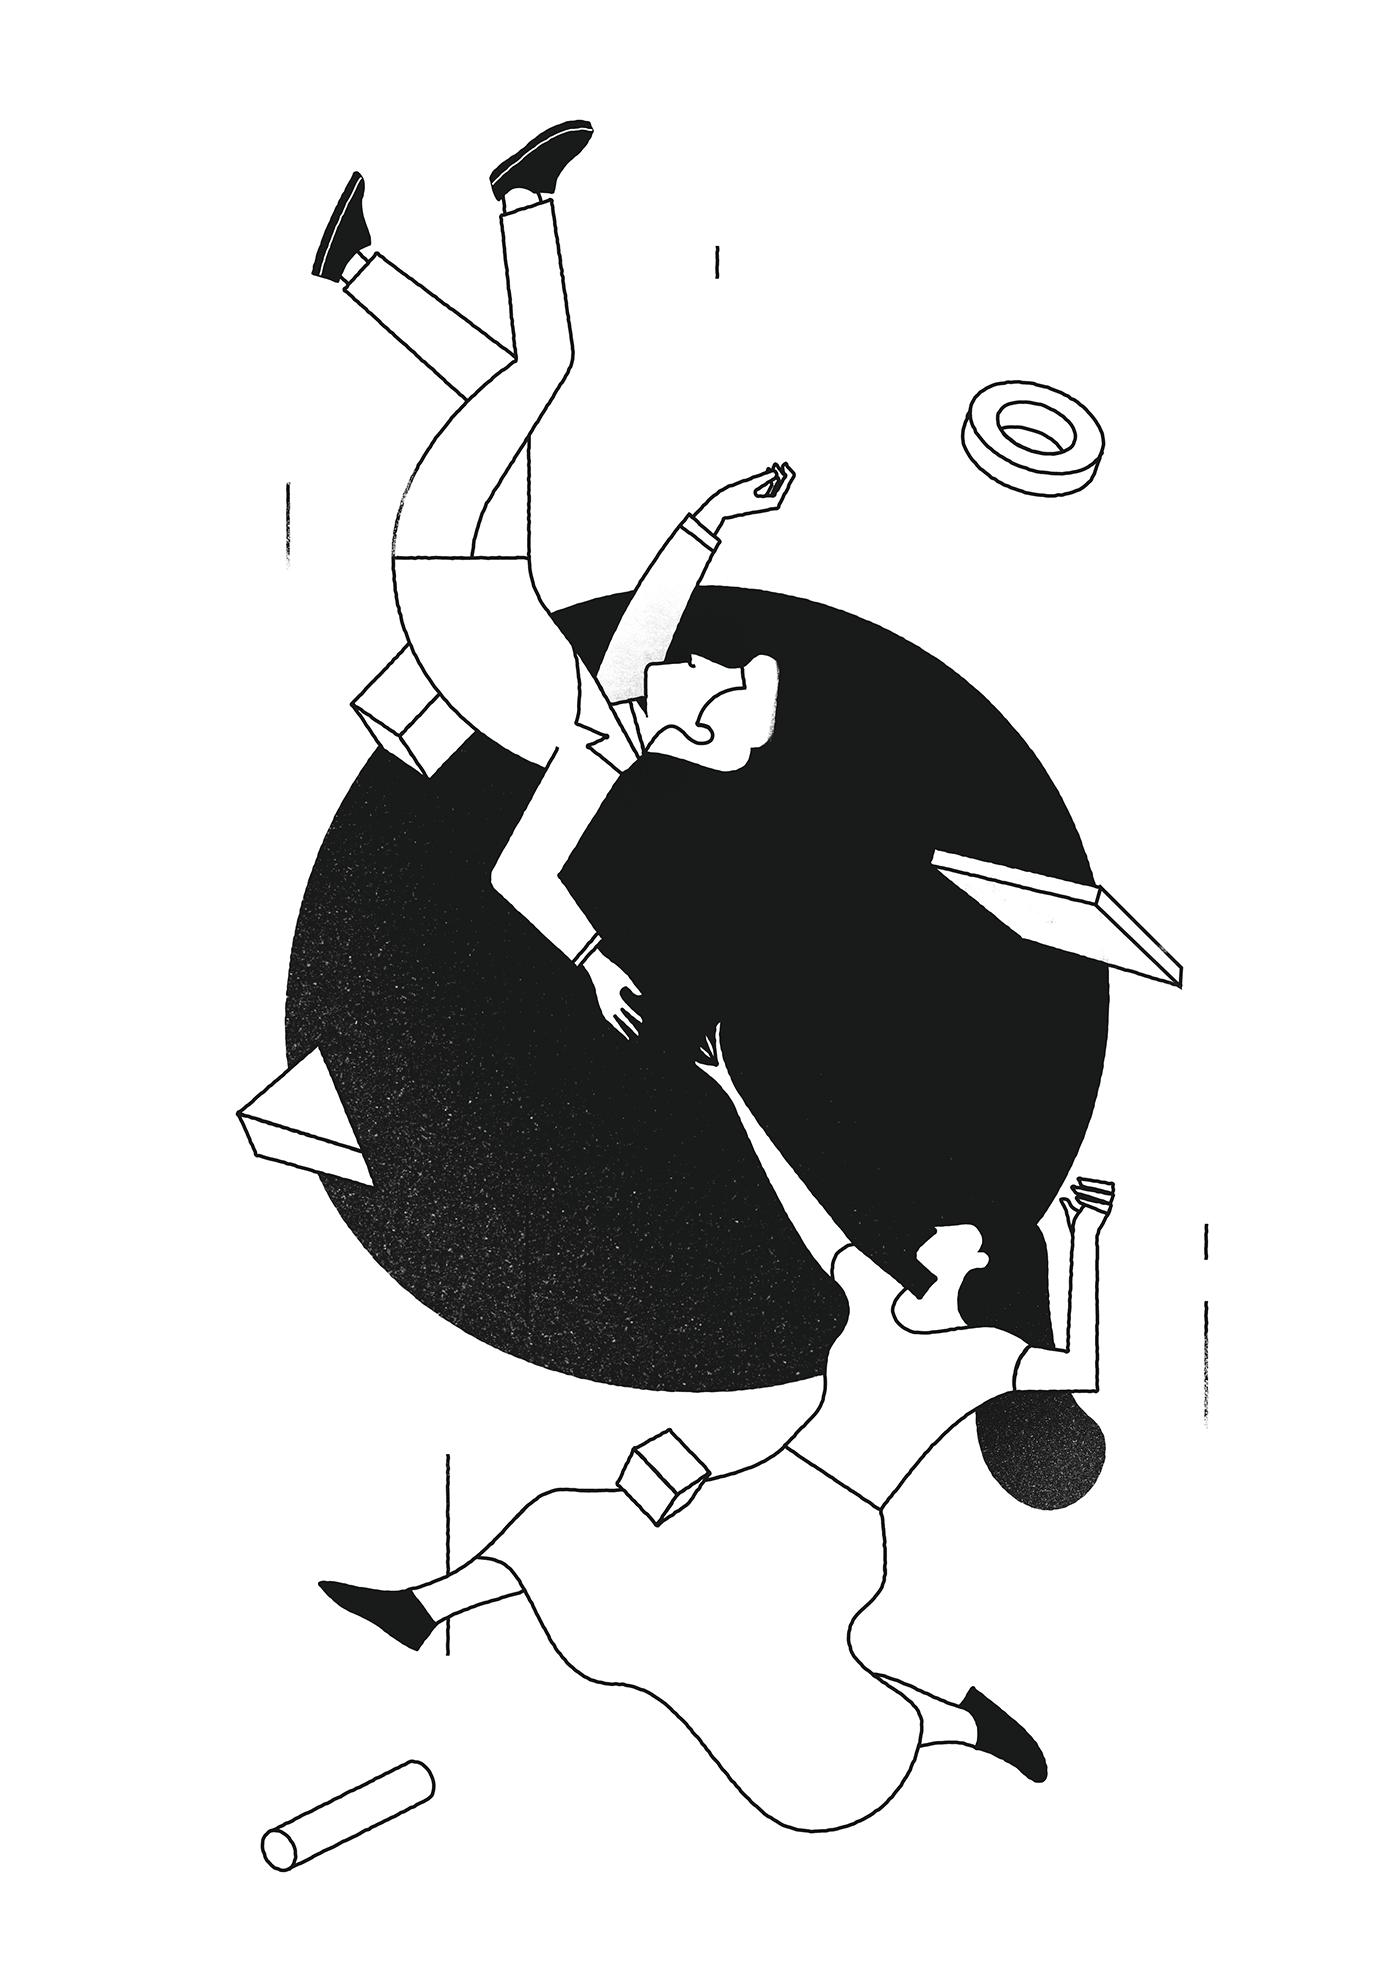 Le eleganti illustrazioni di Timo Kuilder | Collater.al 16